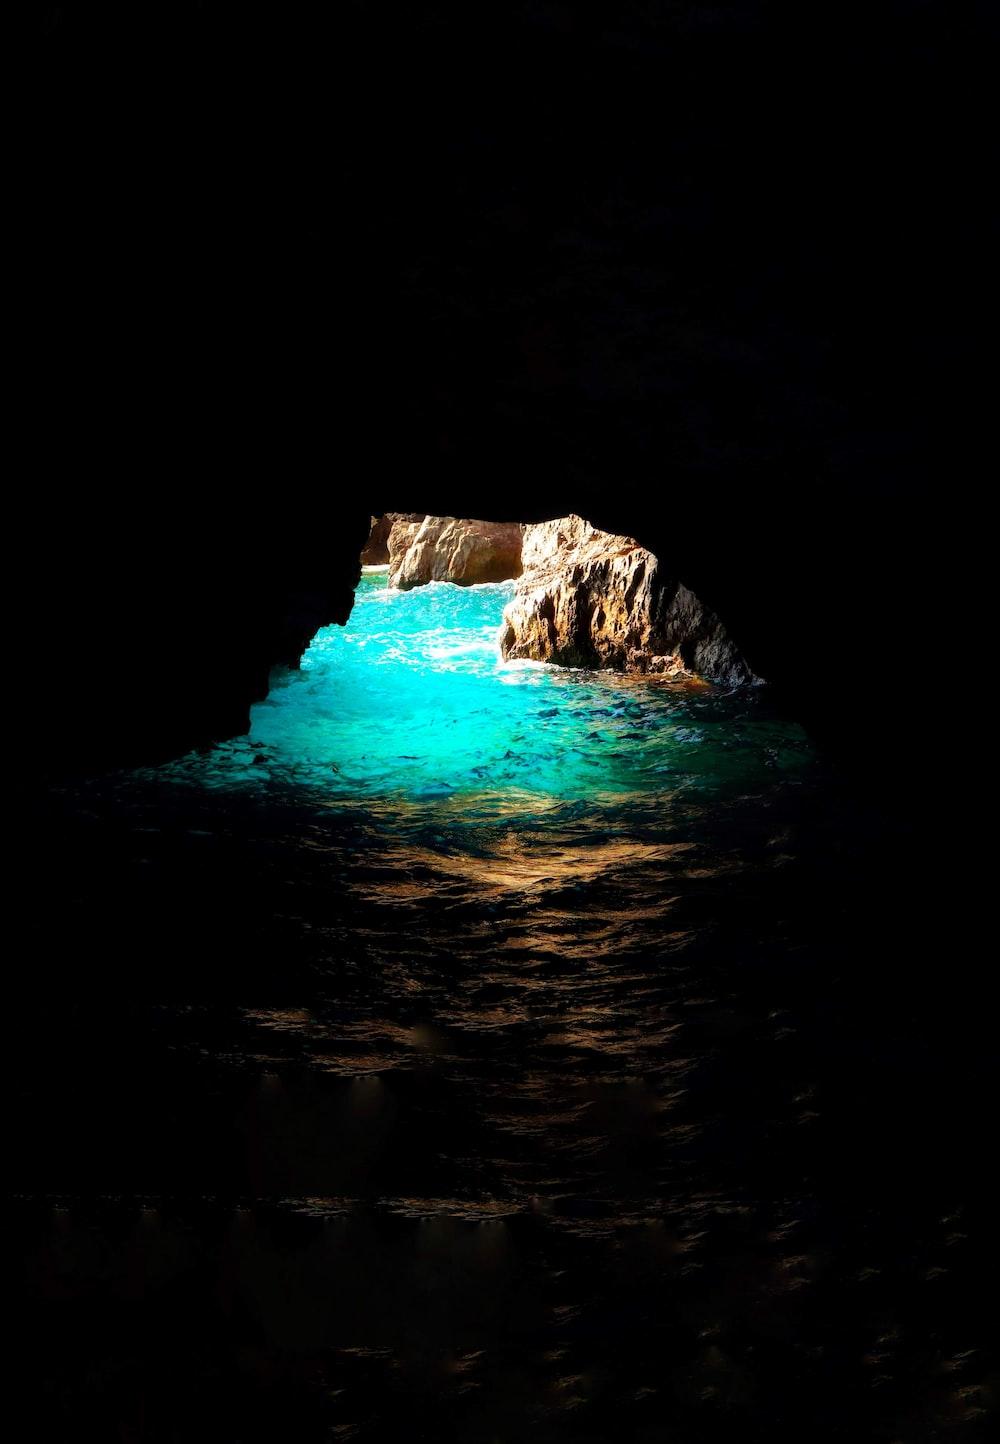 wavy ocean under cave